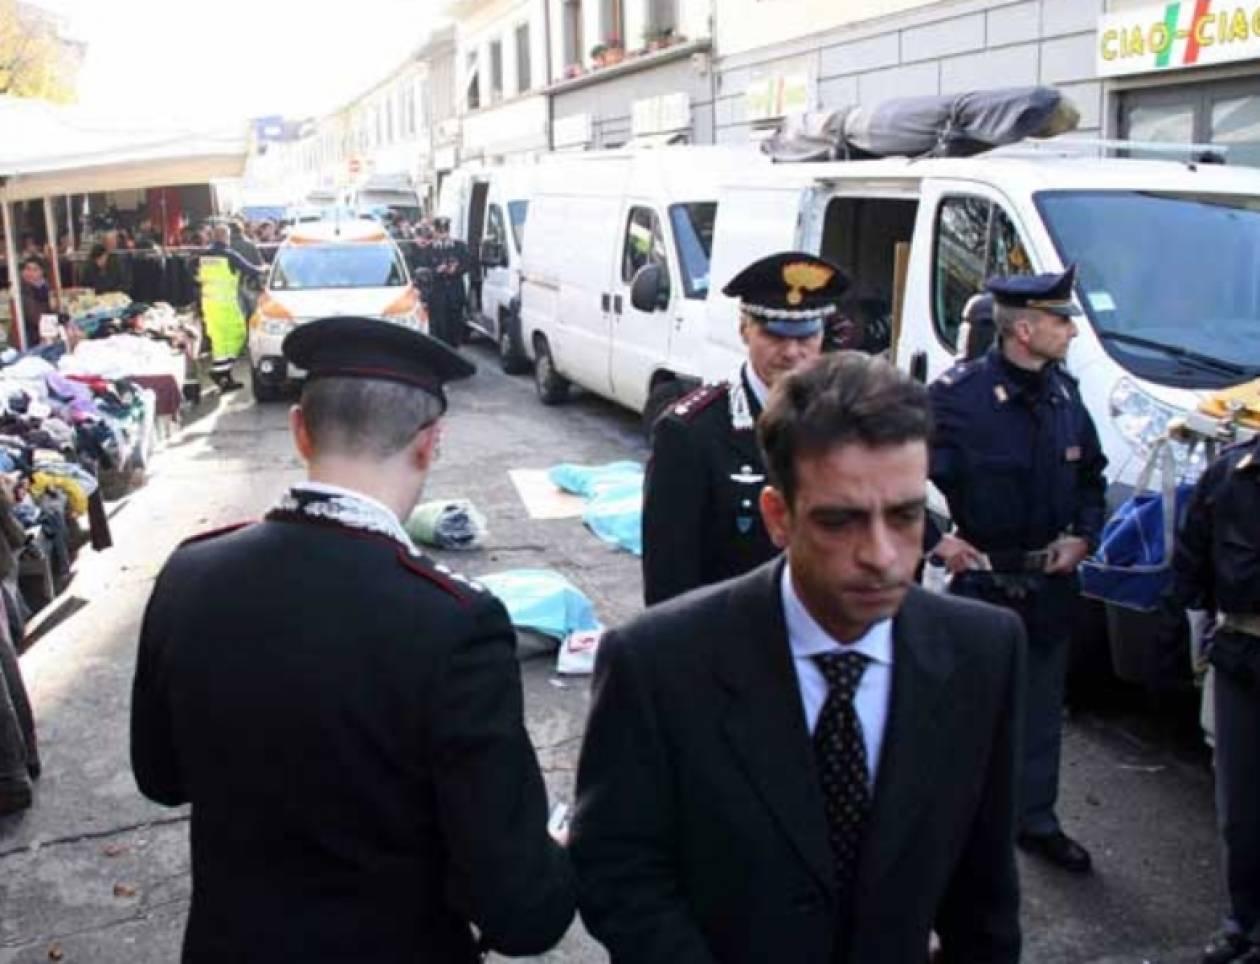 Ιταλός σκότωσε 2 Σενεγαλέζους μικροπωλητές